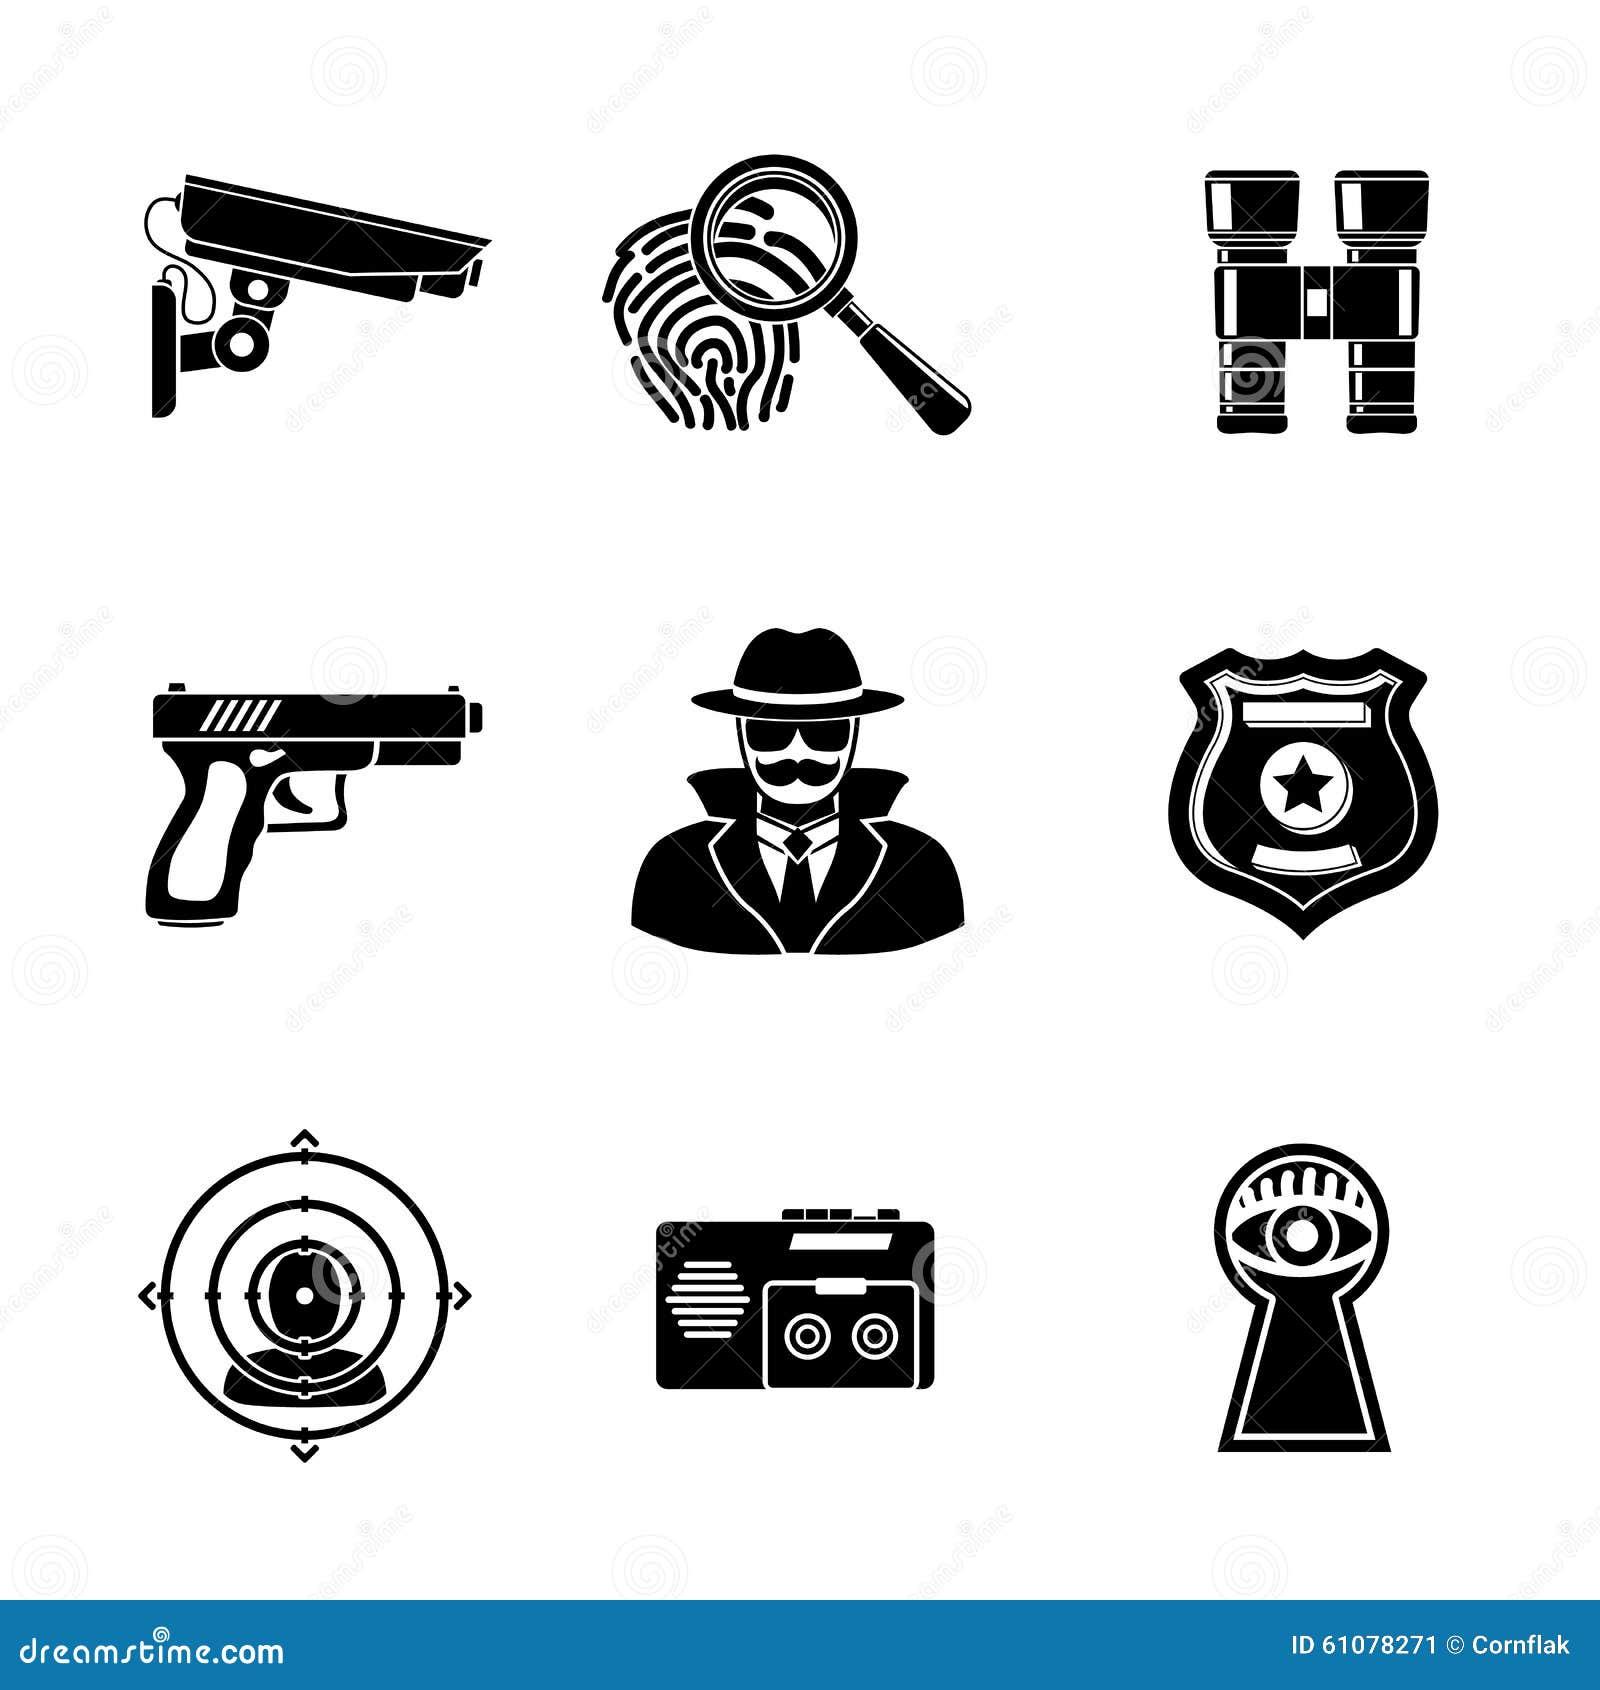 Σύνολο εικονιδίων κατασκόπων - δακτυλικό αποτύπωμα, κατάσκοπος, πυροβόλο όπλο